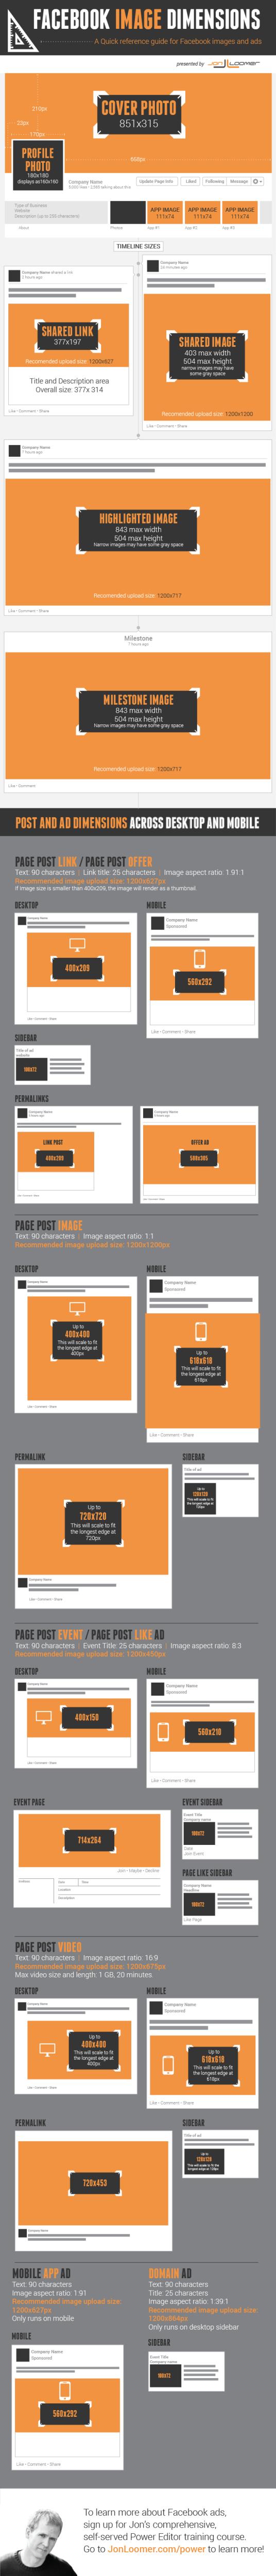 Toutes les dimensions  et tailles des images pour votre page Facebook